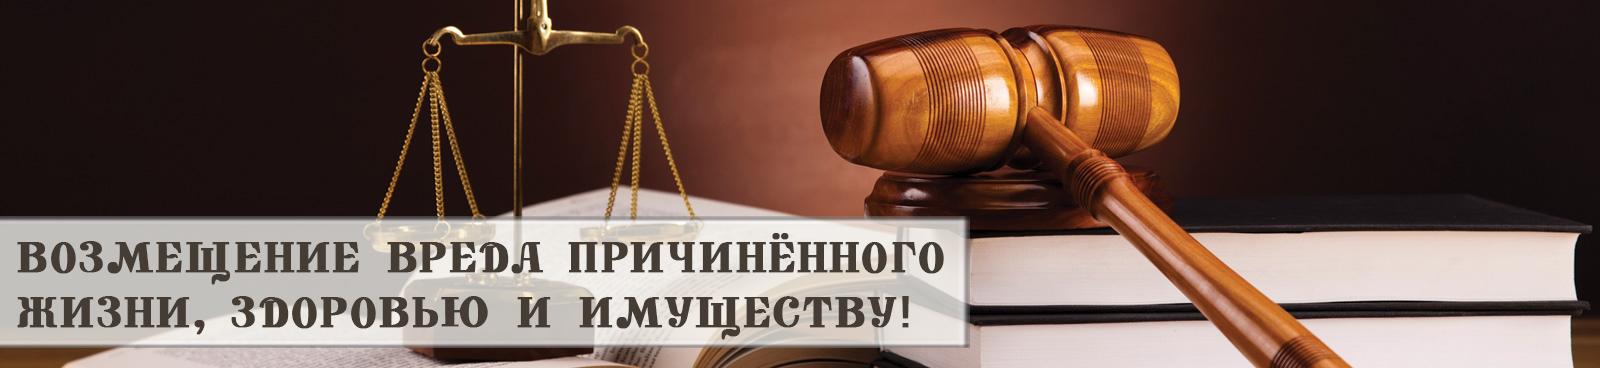 Юридические услуги по возмещению вреда причиненного жизни, здоровью и имуществу в Новосибирске